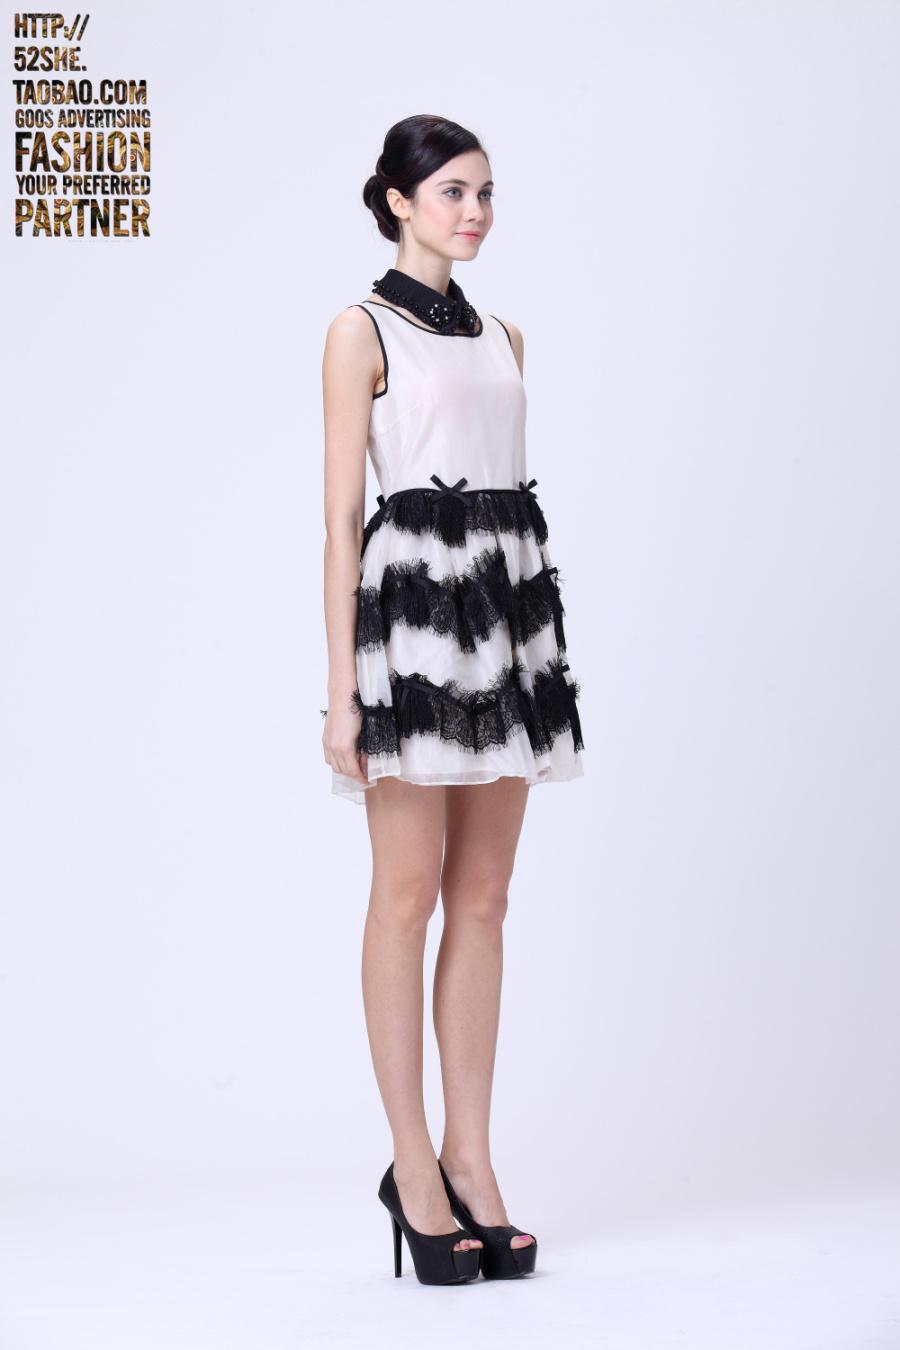 服装外模v服装欧美美食淘宝淘女郎网拍连衣裙的女装湖南省图片